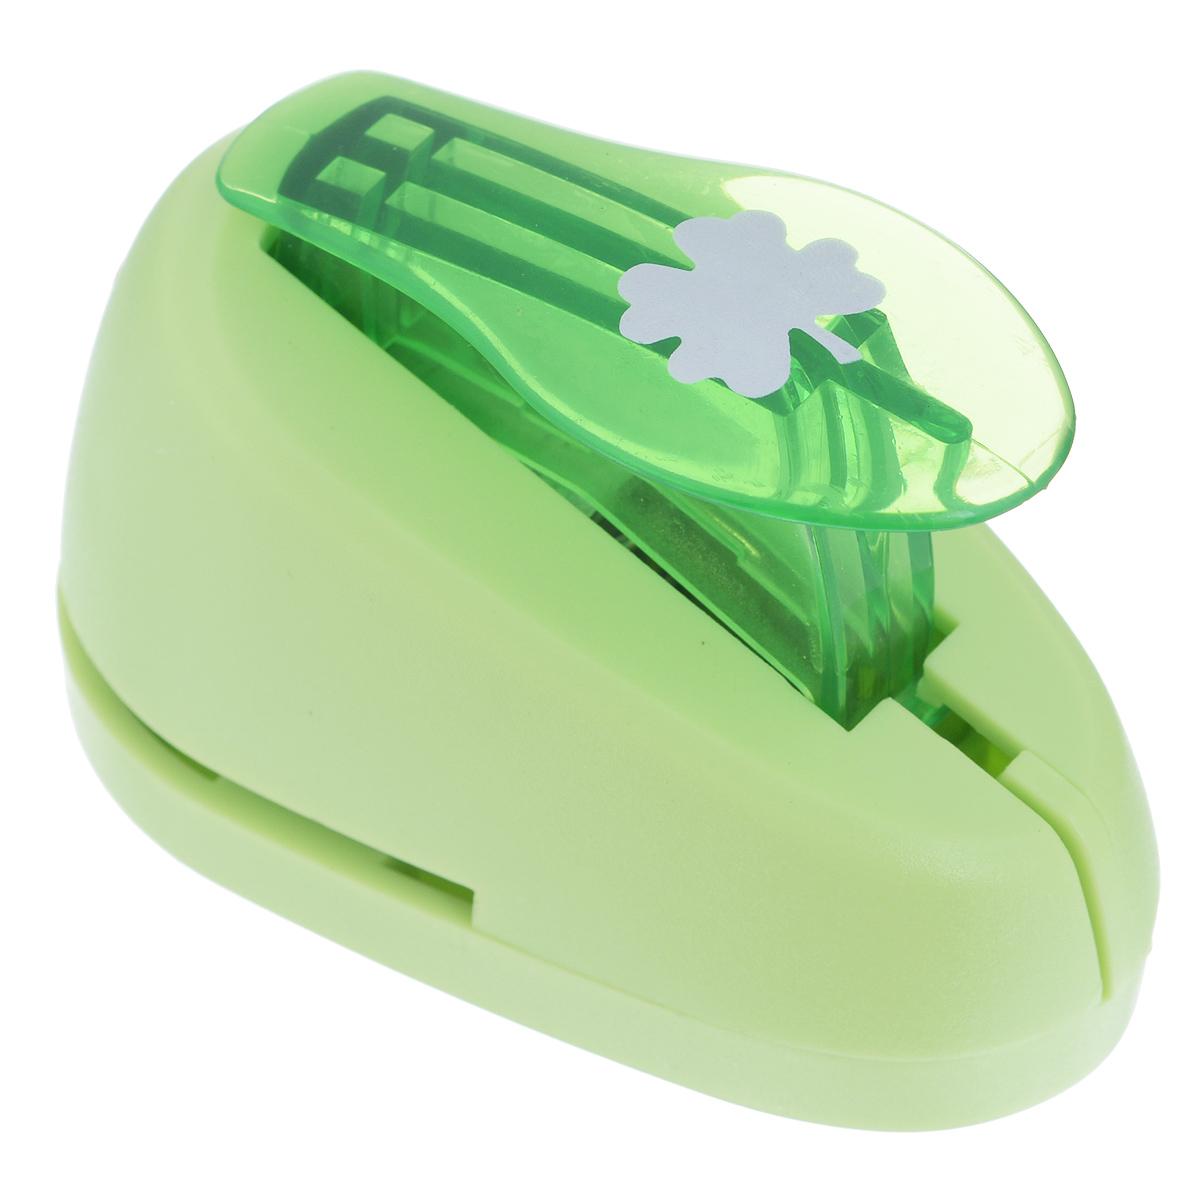 Дырокол фигурный Астра Клевер. CD-99SFS-00264Дырокол Астра Клевер поможет вам легко, просто и аккуратно вырезать много одинаковых мелких фигурок.Режущие части компостера закрыты пластмассовым корпусом, что обеспечивает безопасность для детей. Вырезанные фигурки накапливаются в специальном резервуаре. Можно использовать вырезанные мотивы как конфетти или для наклеивания. Дырокол подходит для разных техник: декупажа, скрапбукинга, декорирования.Размер дырокола: 7 см х 4 см х 5 см. Диаметр вырезанной фигурки: 1,5 см.